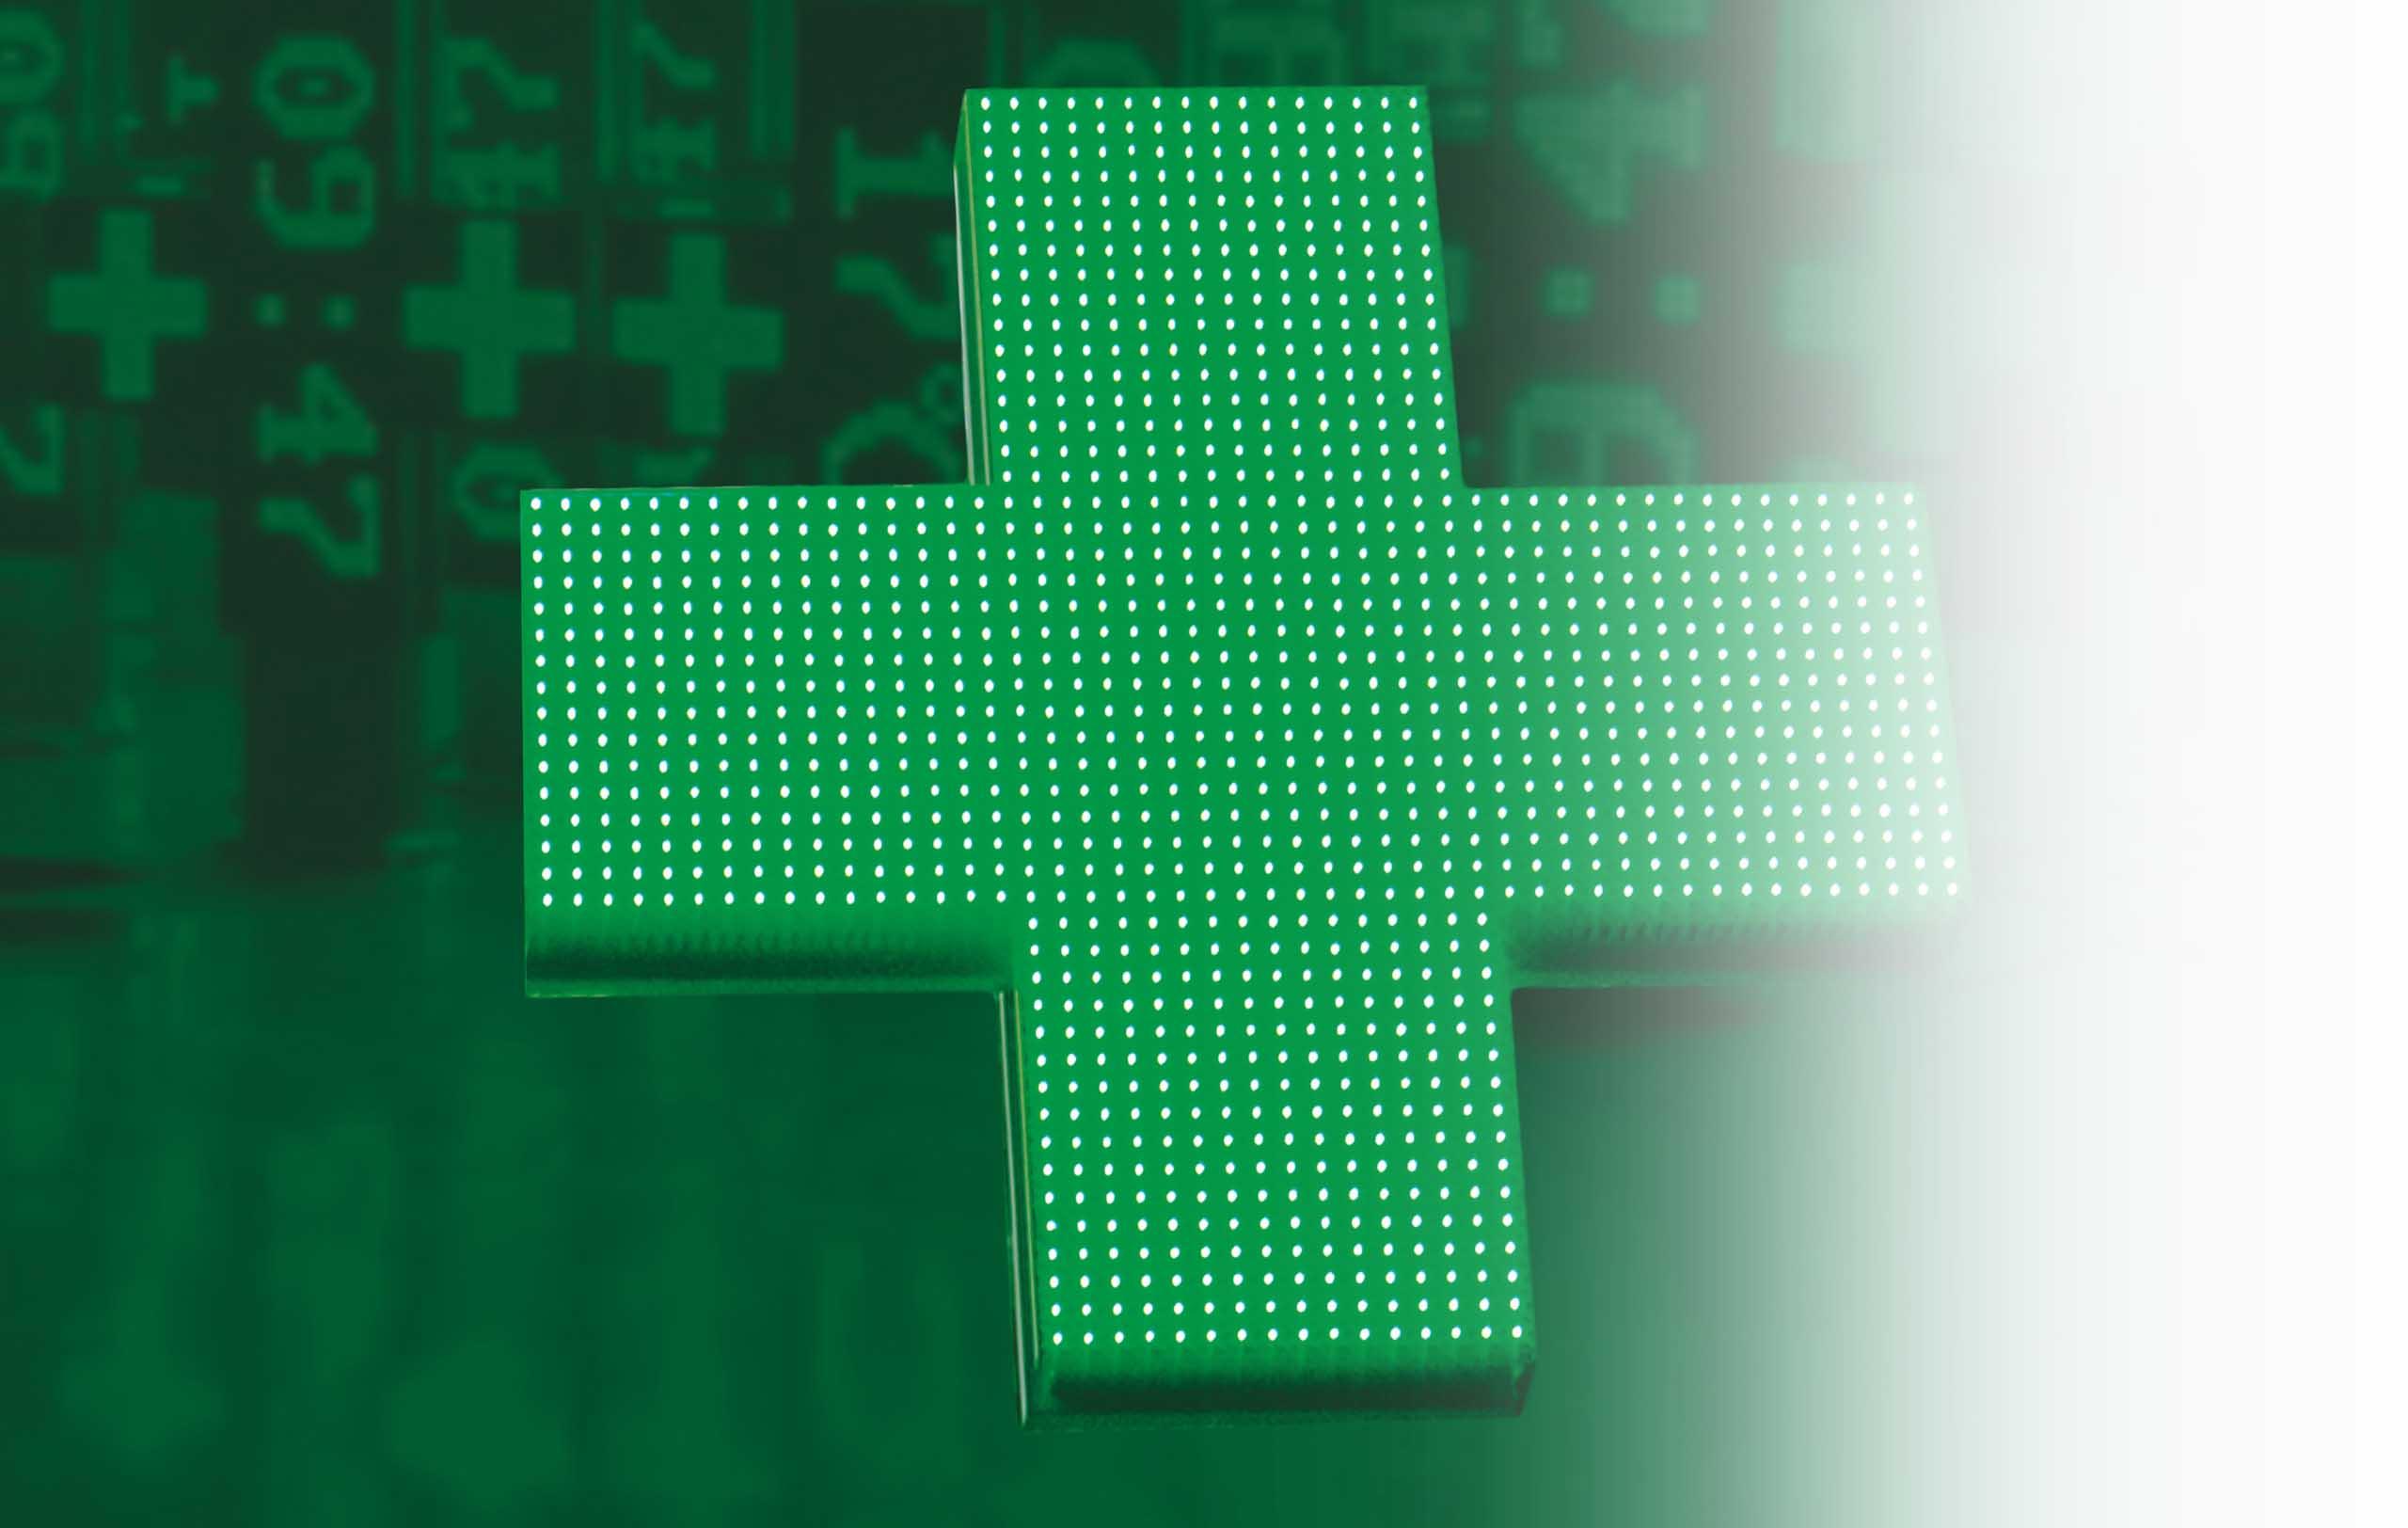 croix pharmacie led nouvelle génération lorraine